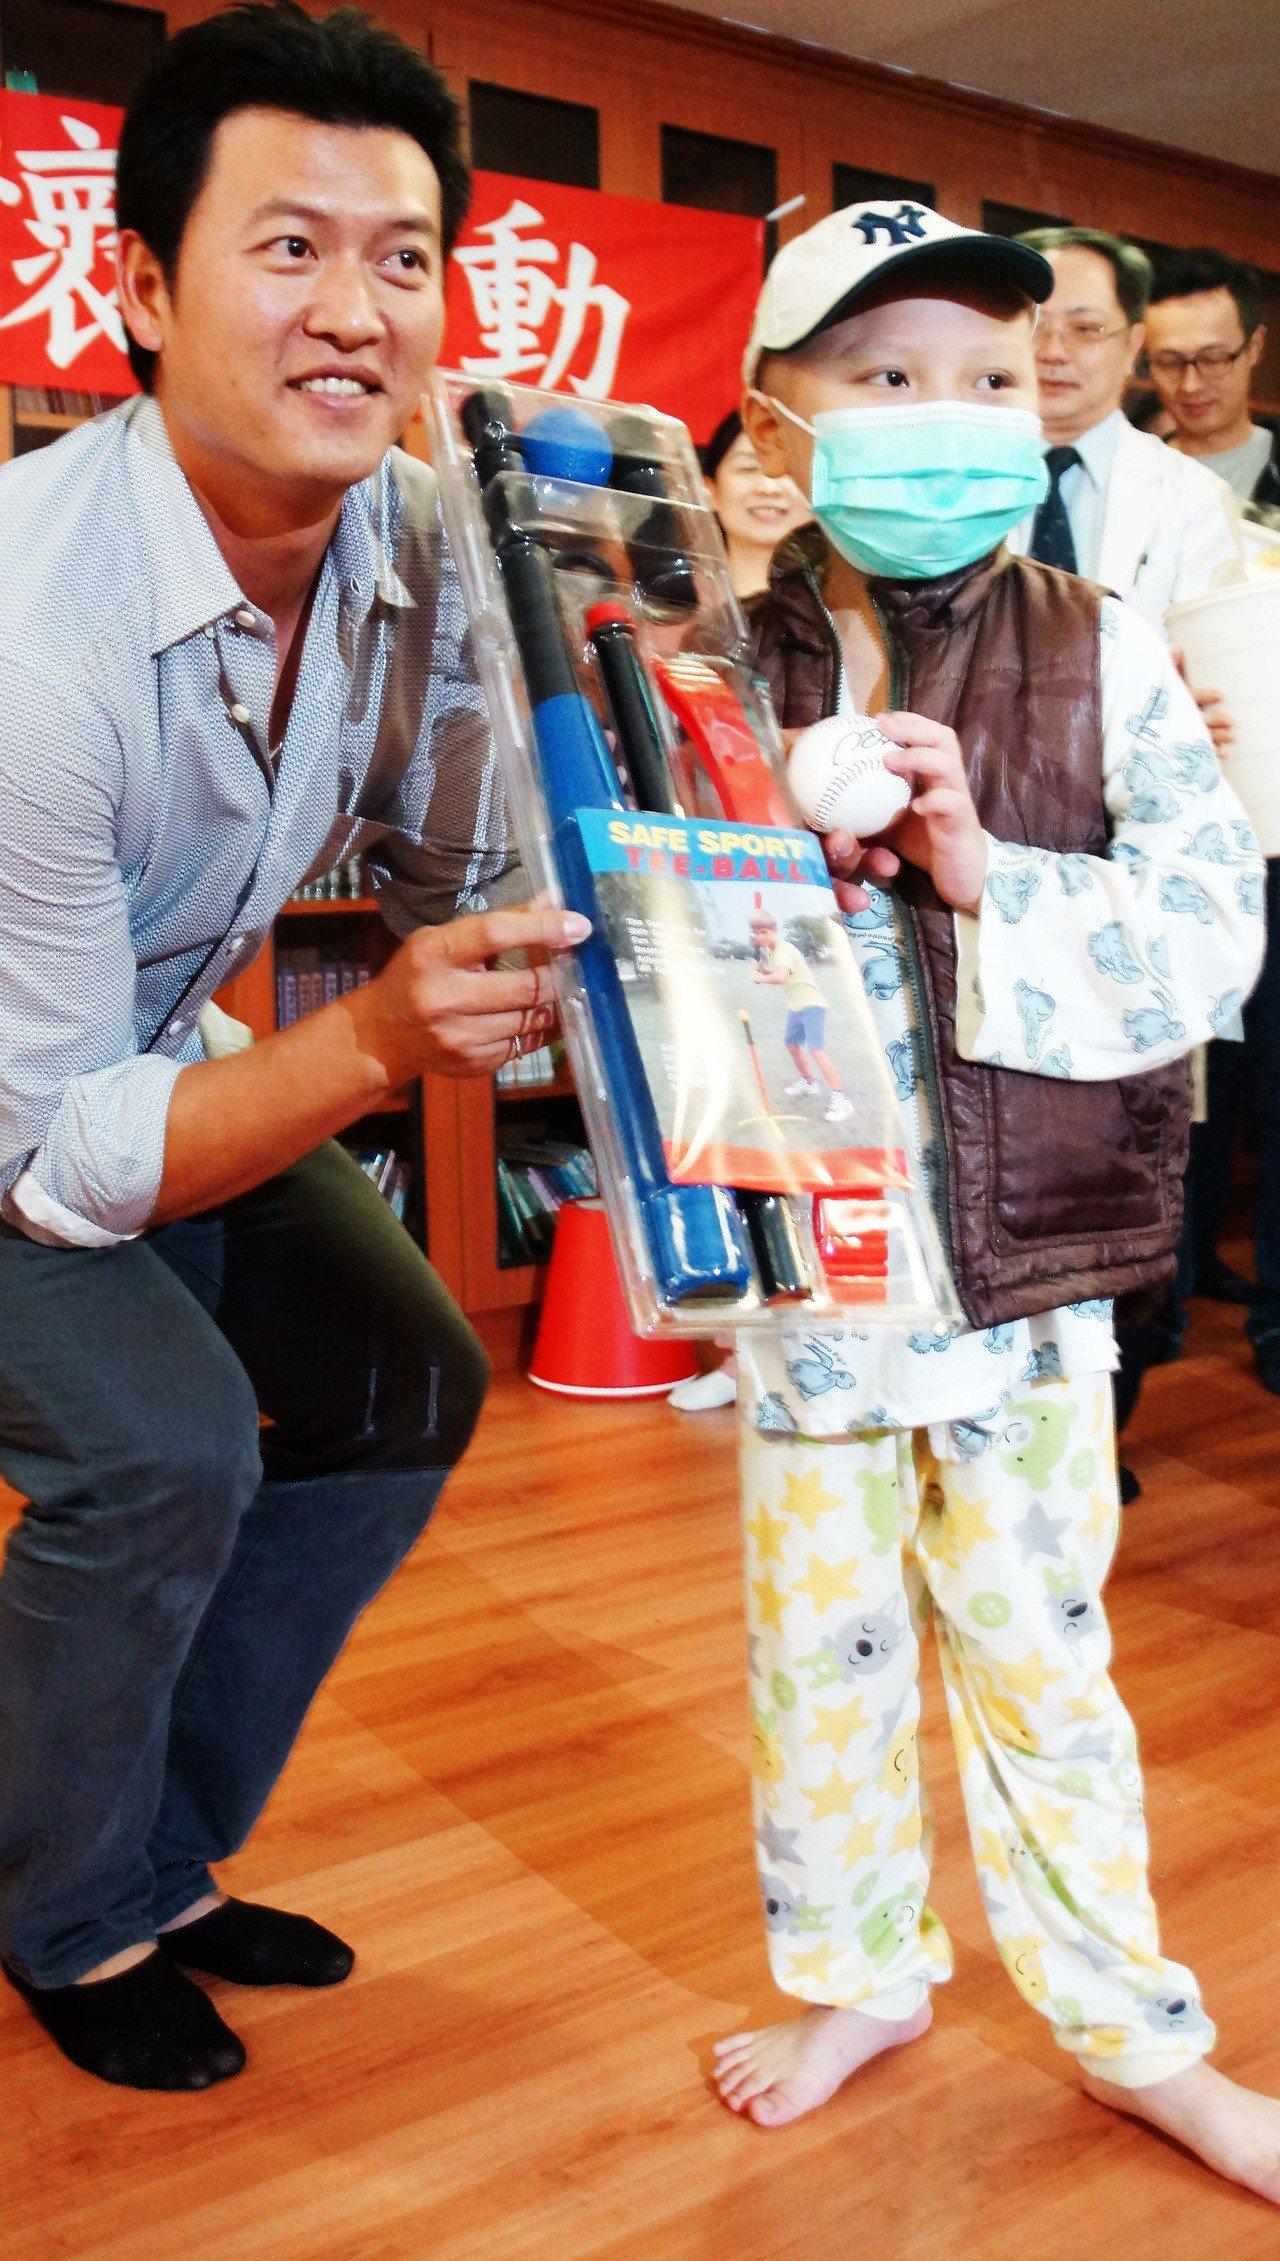 旅美球星王建民(左)8日至高雄長庚醫院關懷病童,與病童互動並致贈簽名球等禮物。 ...